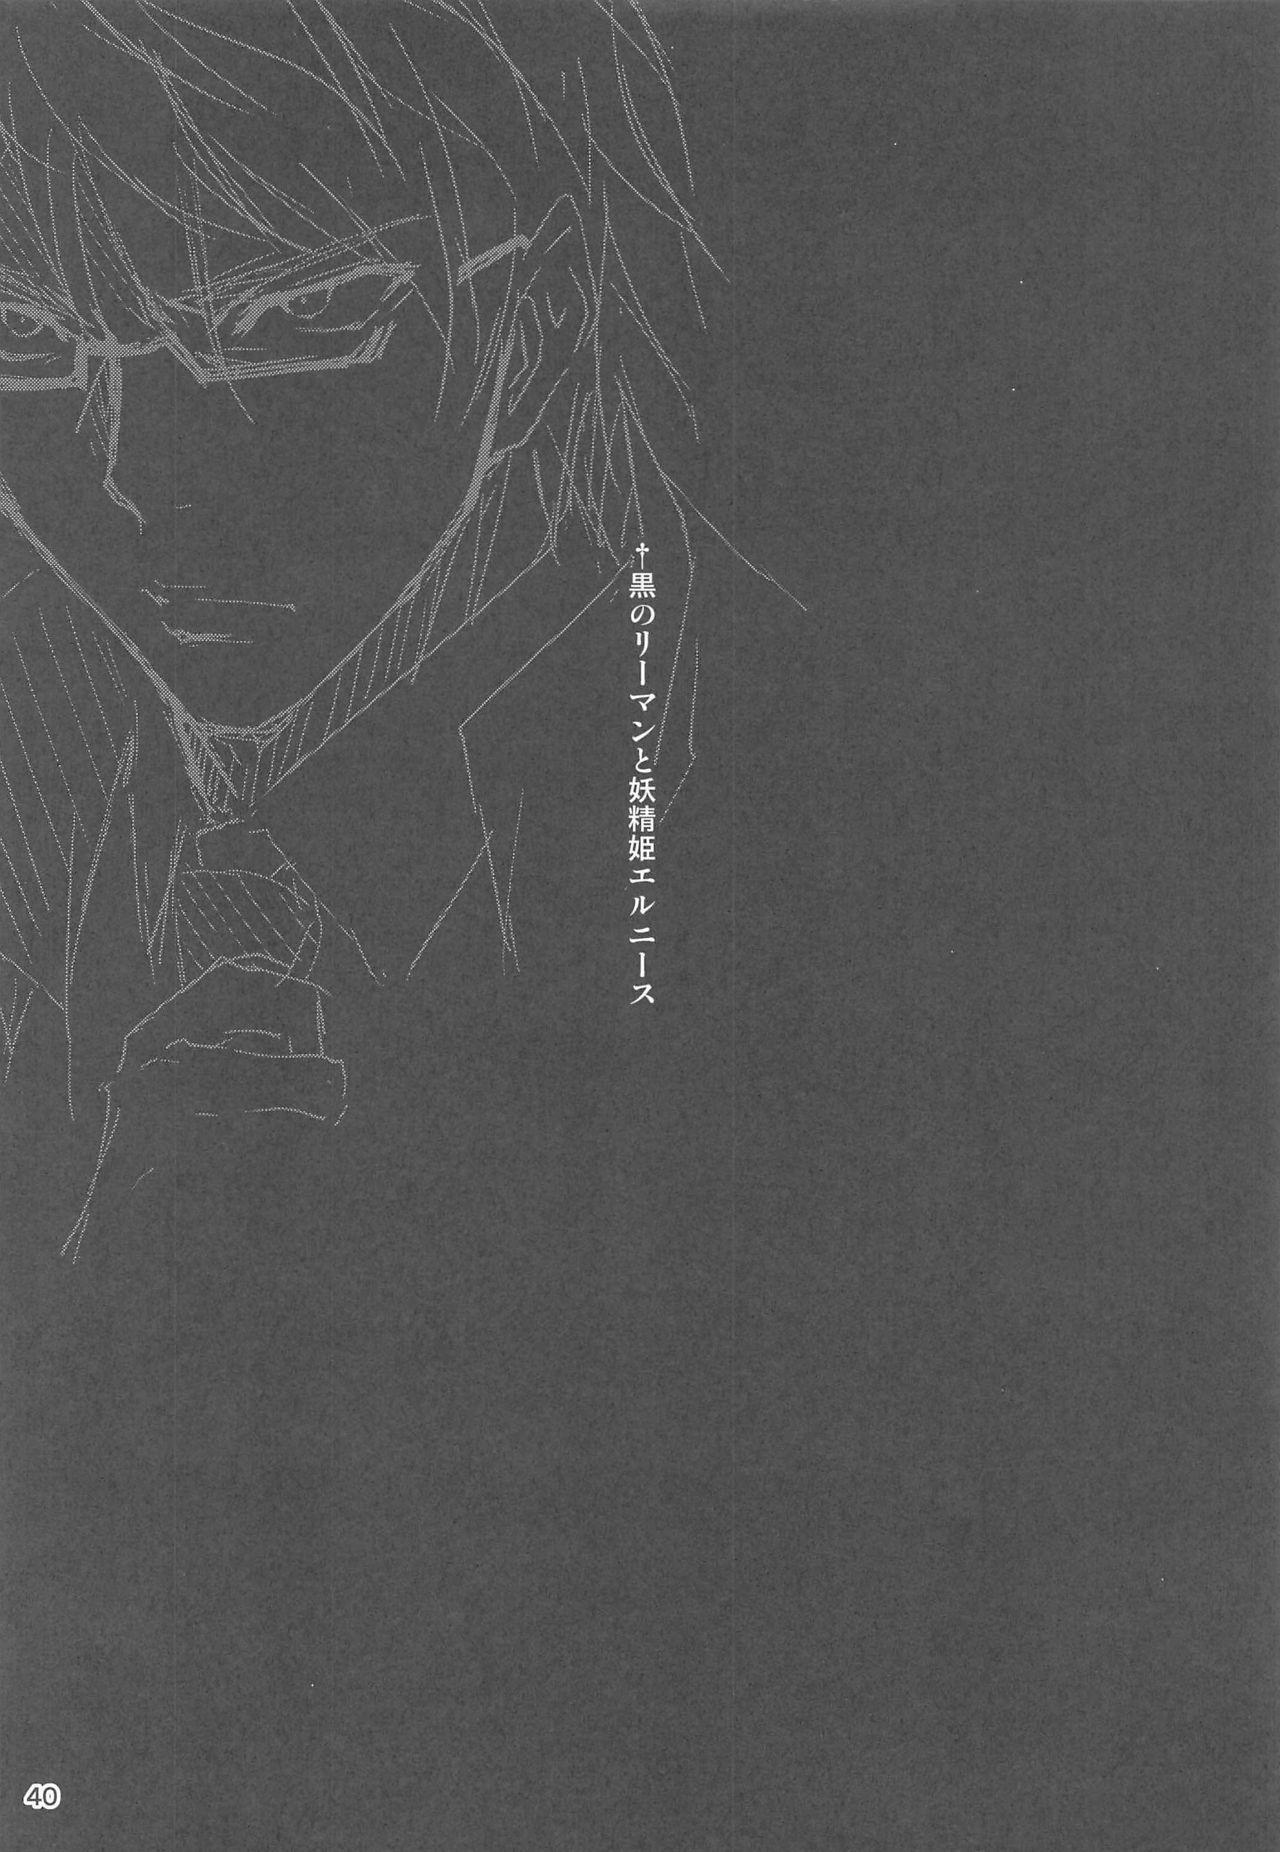 Ryman Fantasy Kuro no Ryman Soushuuhen 39